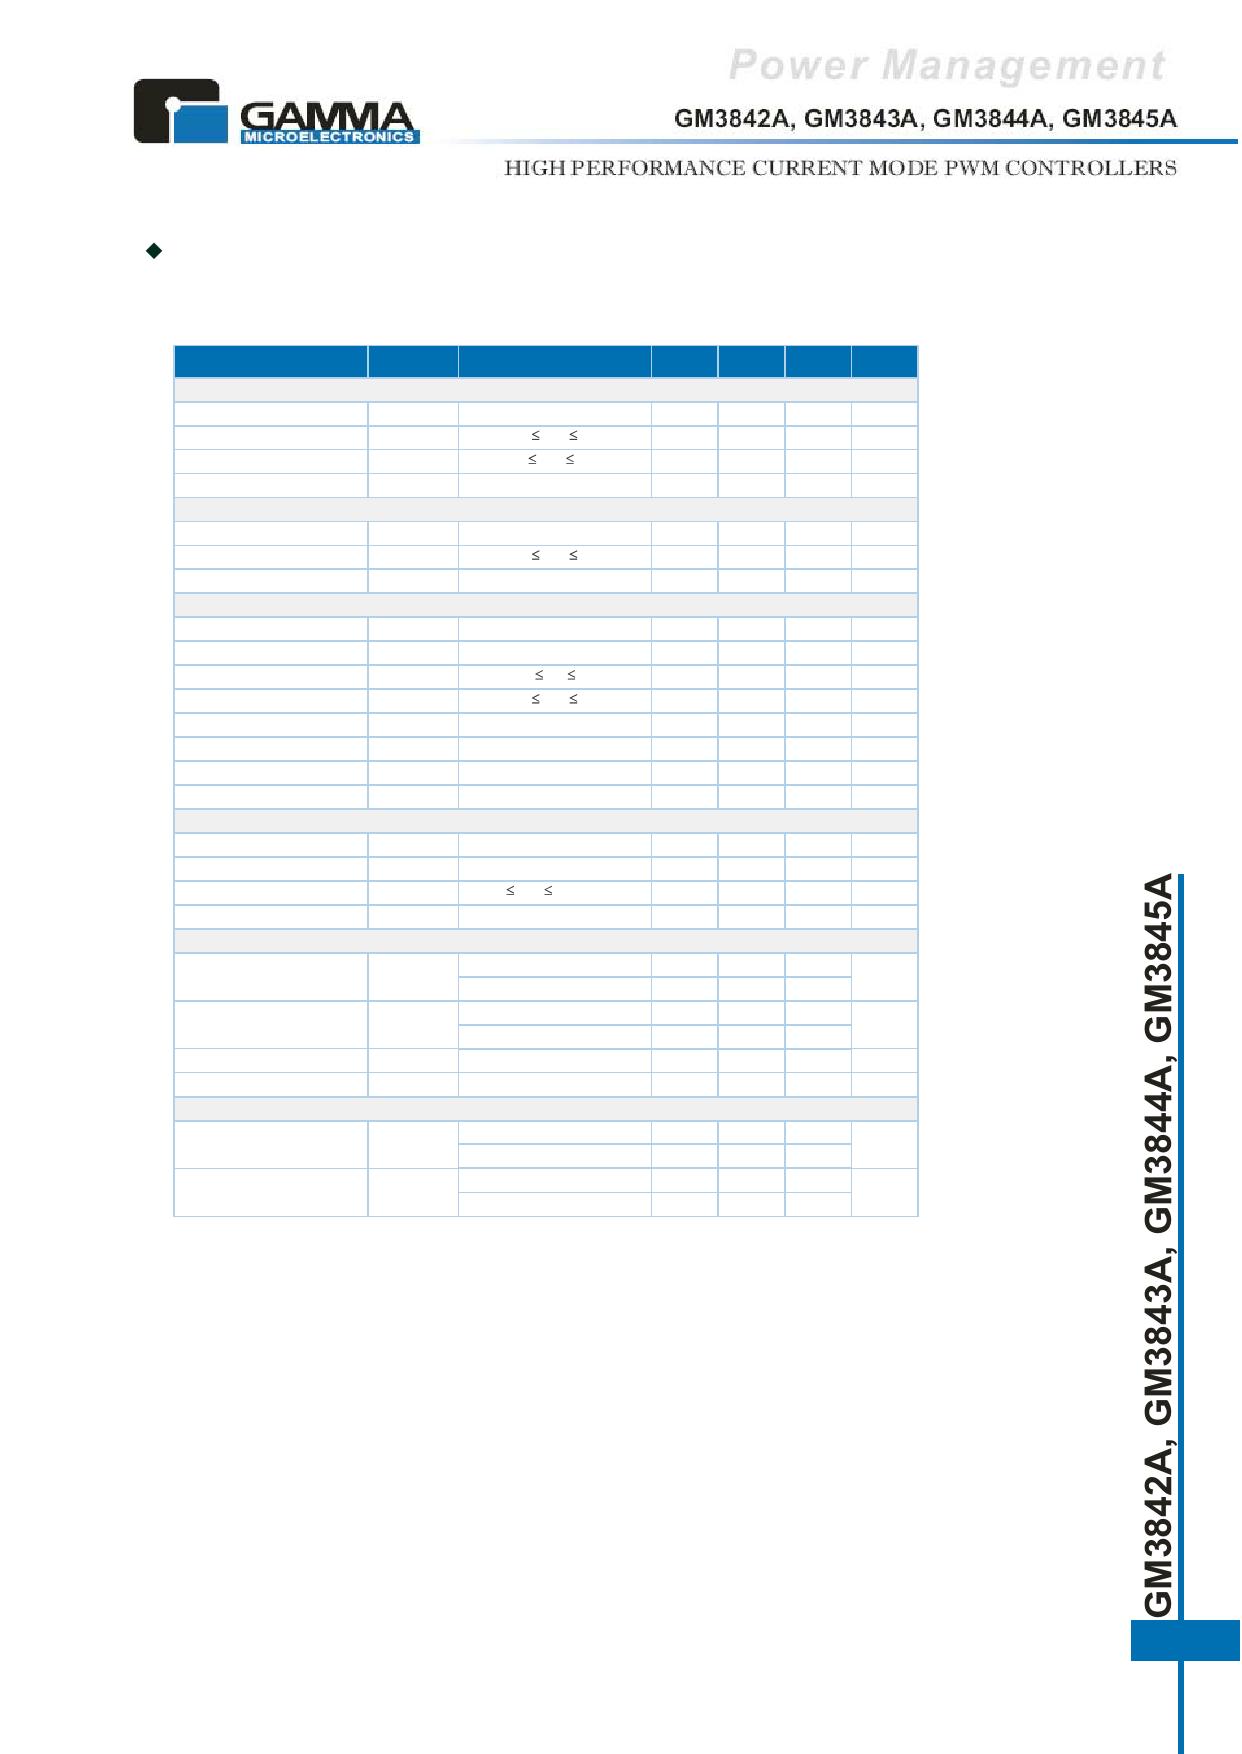 GM3843A pdf